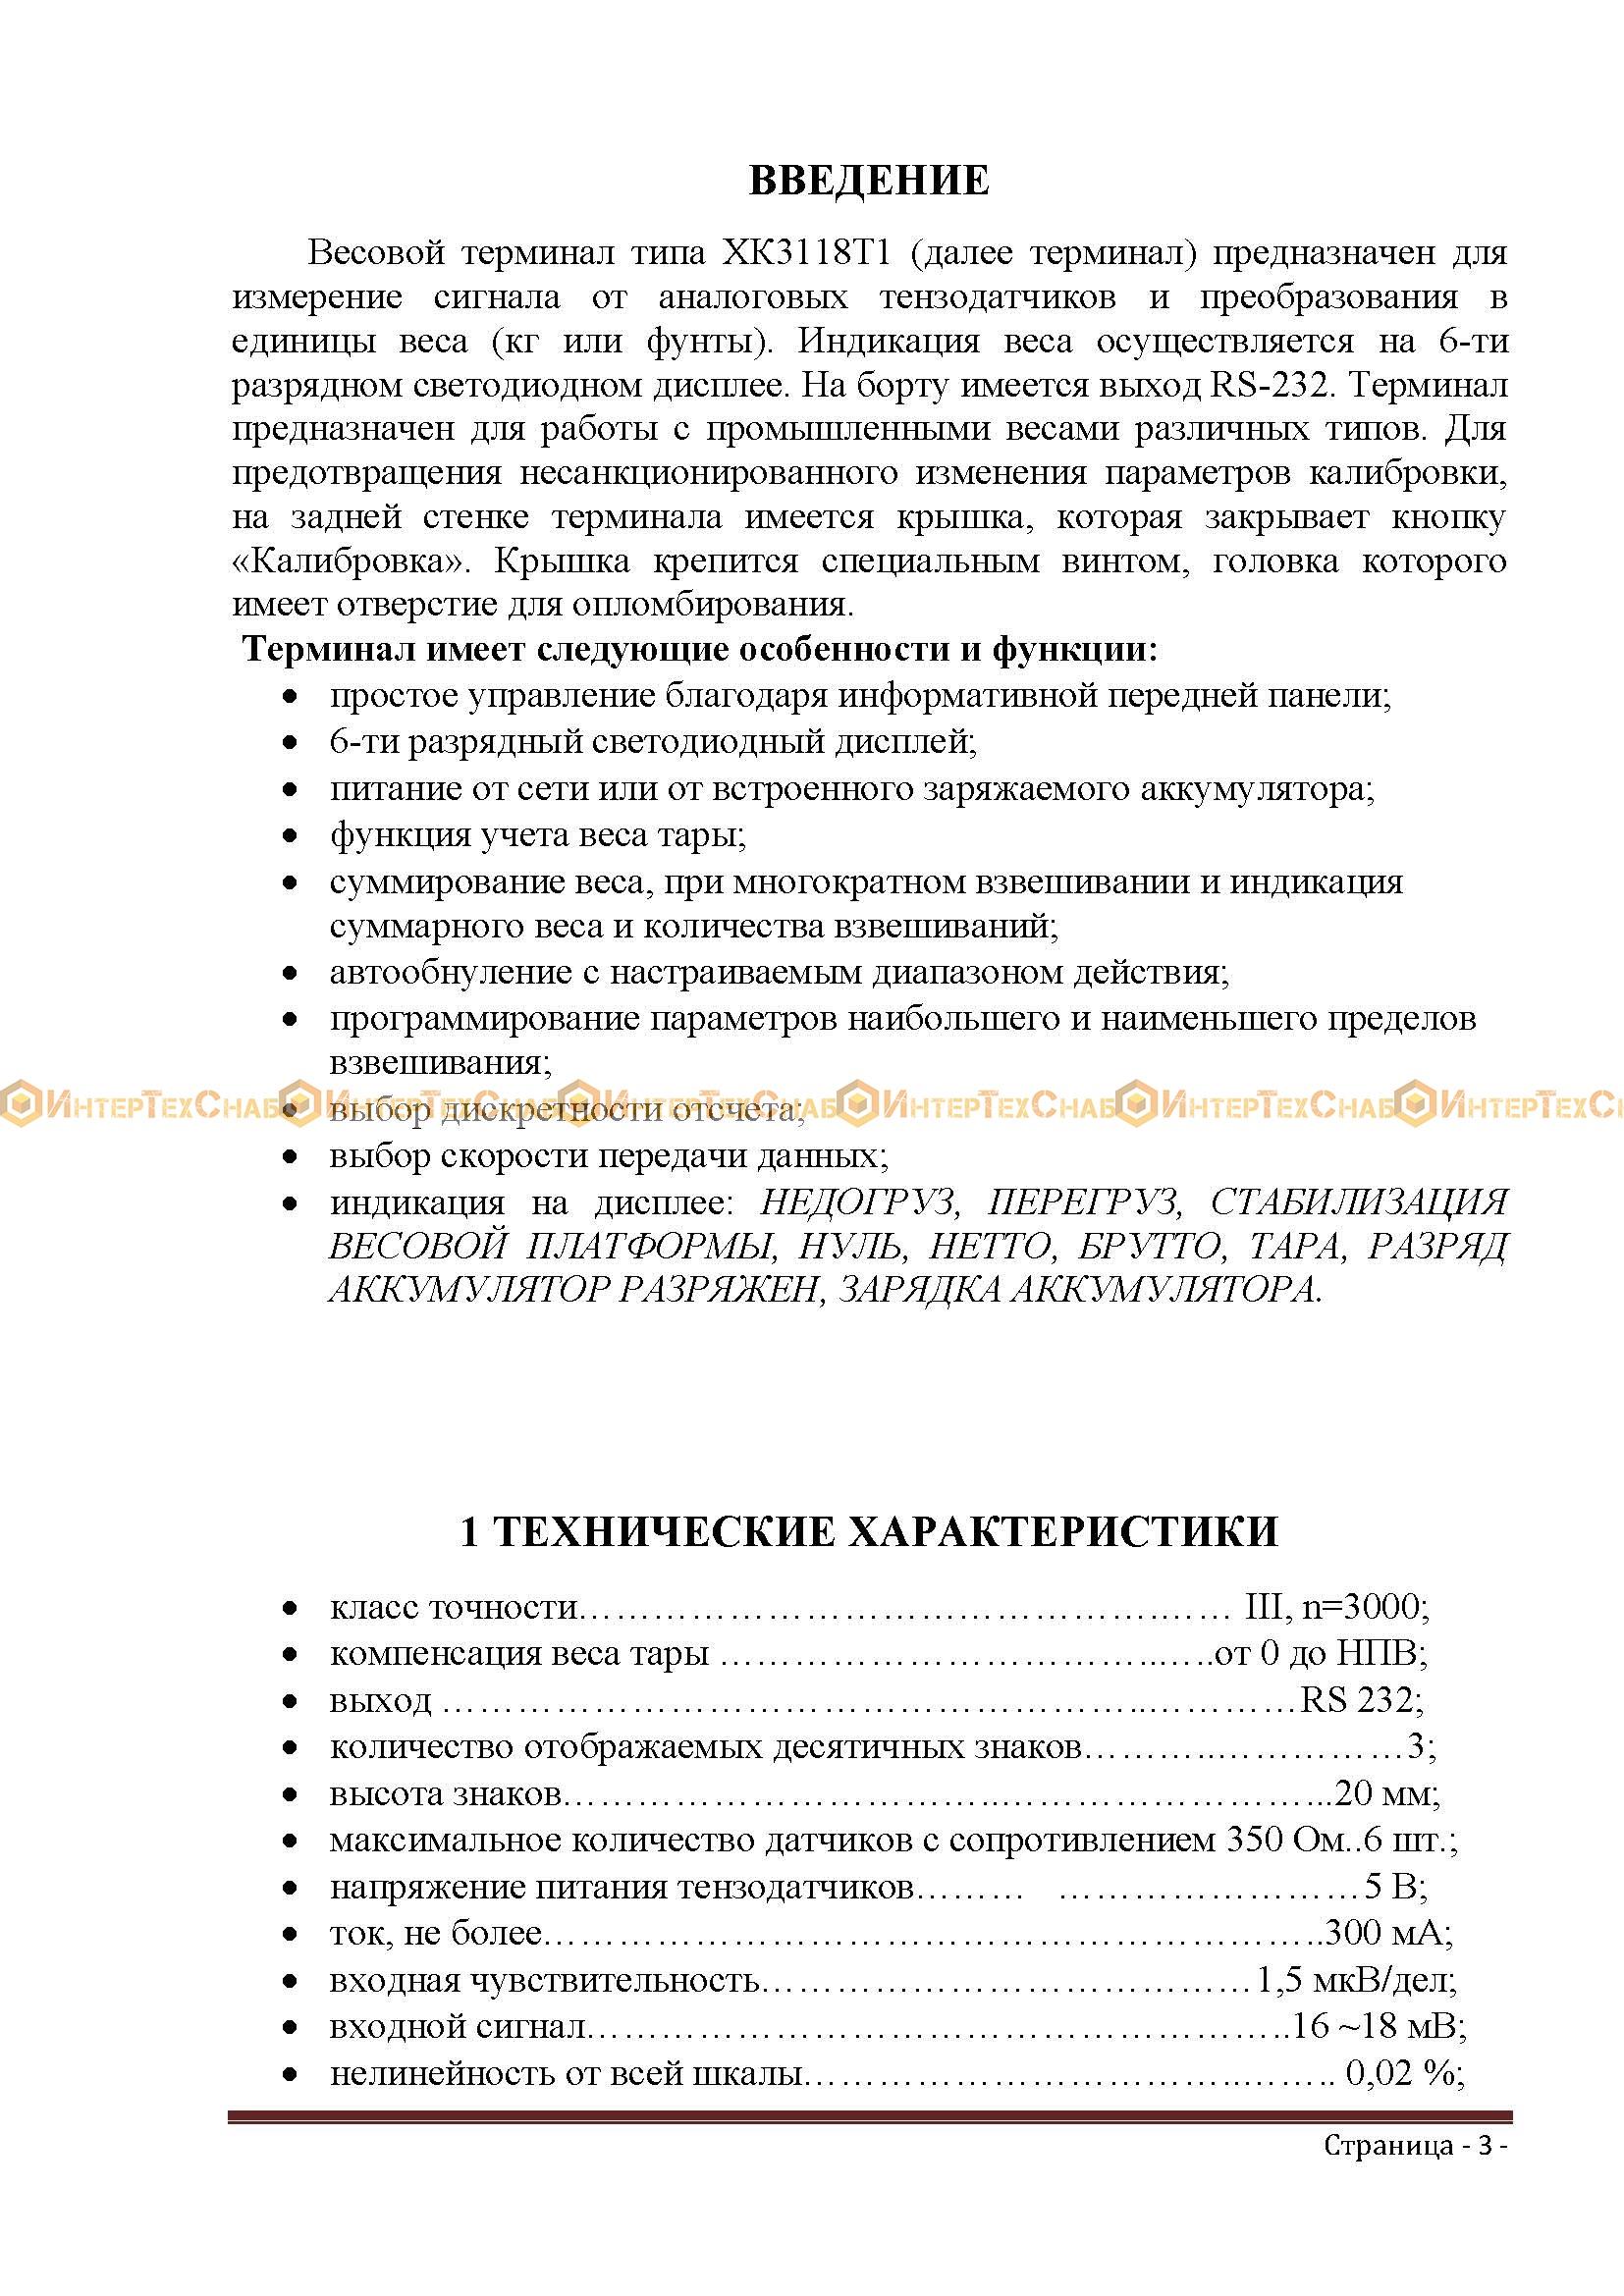 Весоизмерительный индикатор ХК3118Т1 KELI